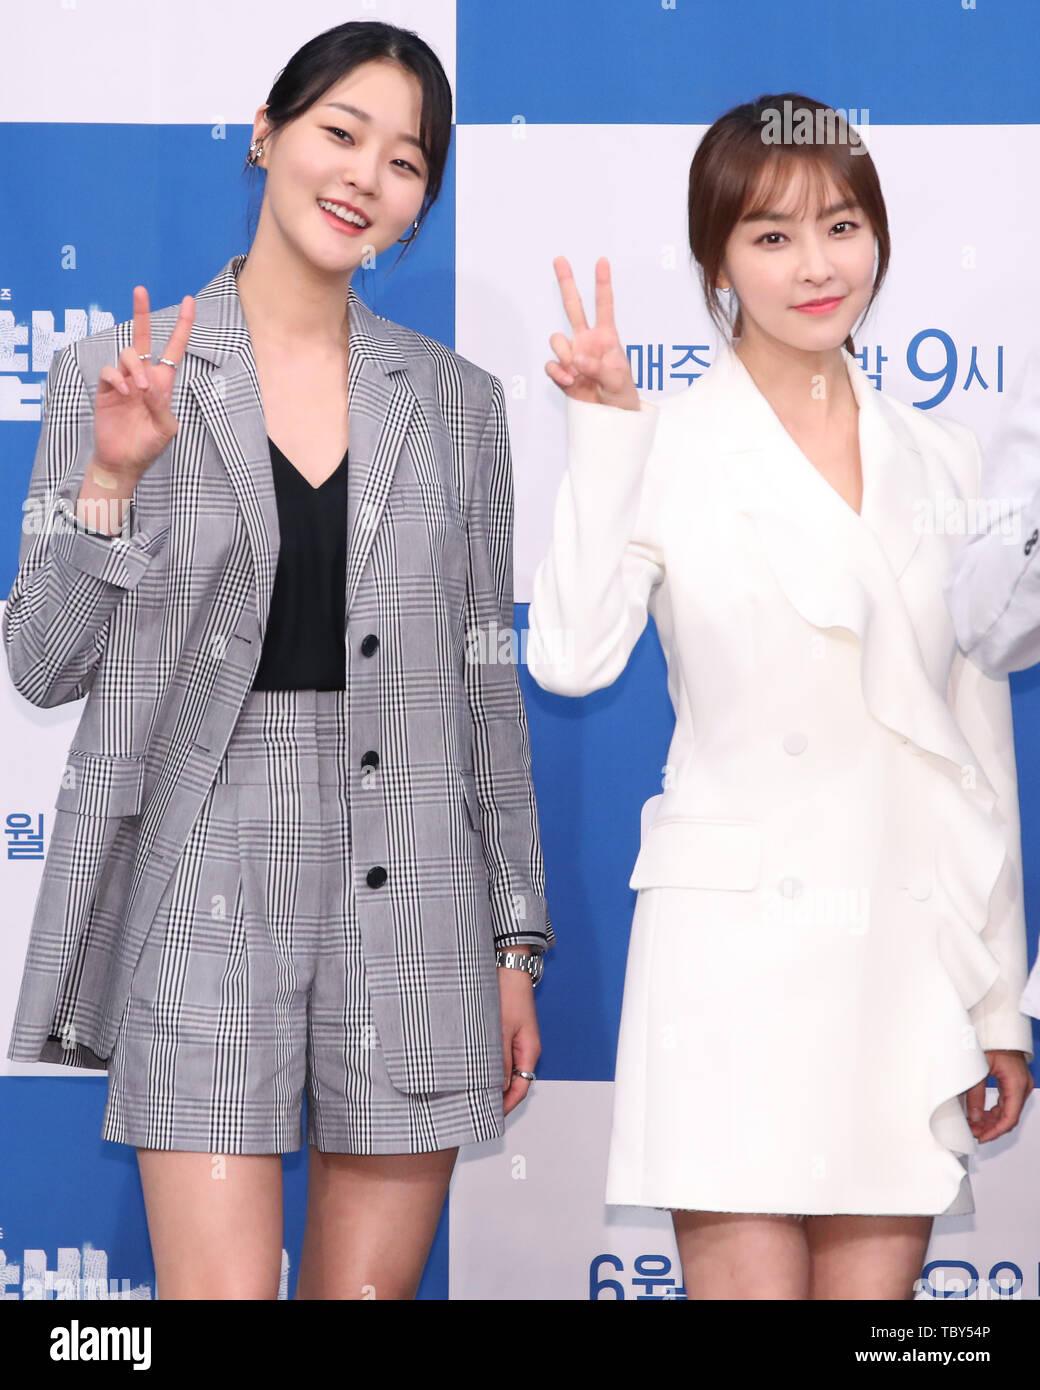 04th June, 2019  S  Korean actresses Kang Seung-hyun and